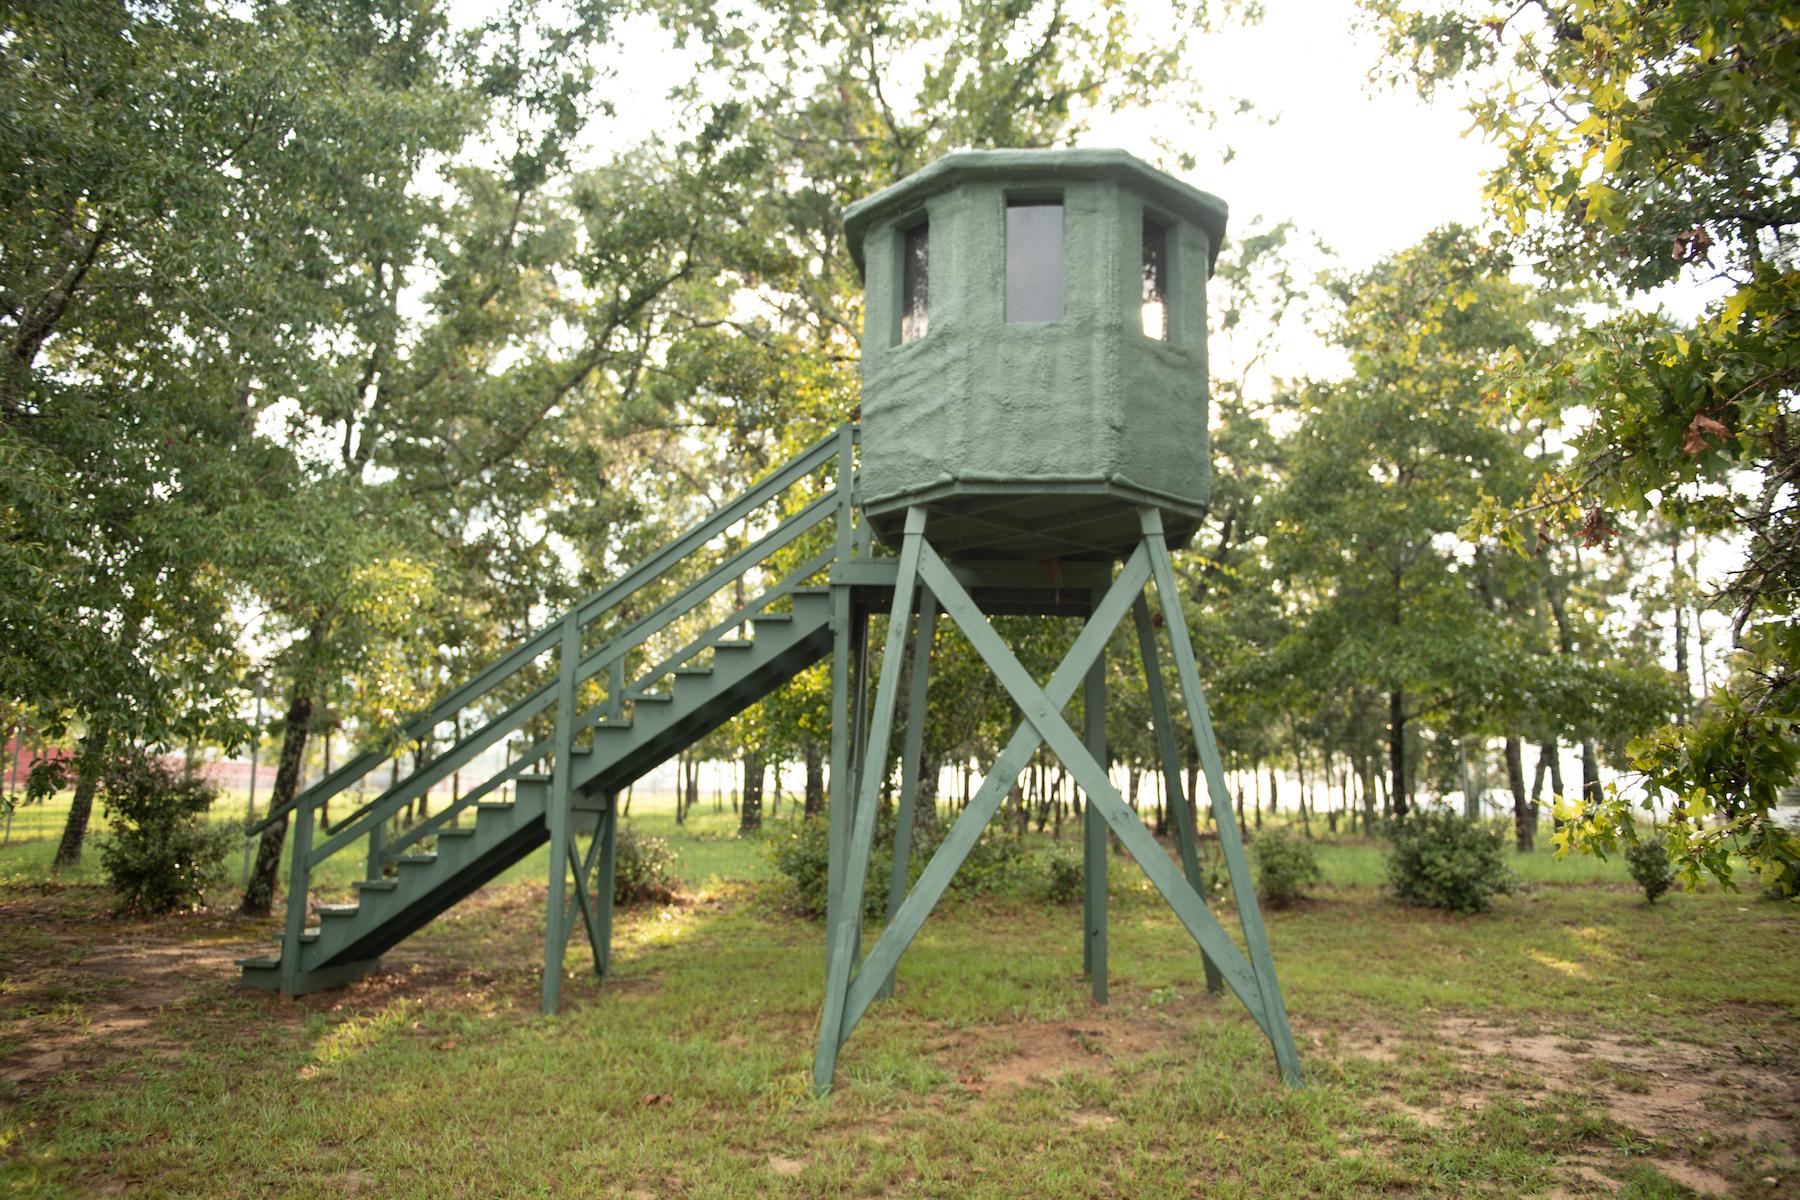 农场 / 牧场 / 种植园 为 销售 在 White City Farm 1314 County Road 42 Montgomery, 阿拉巴马州 36067 美国